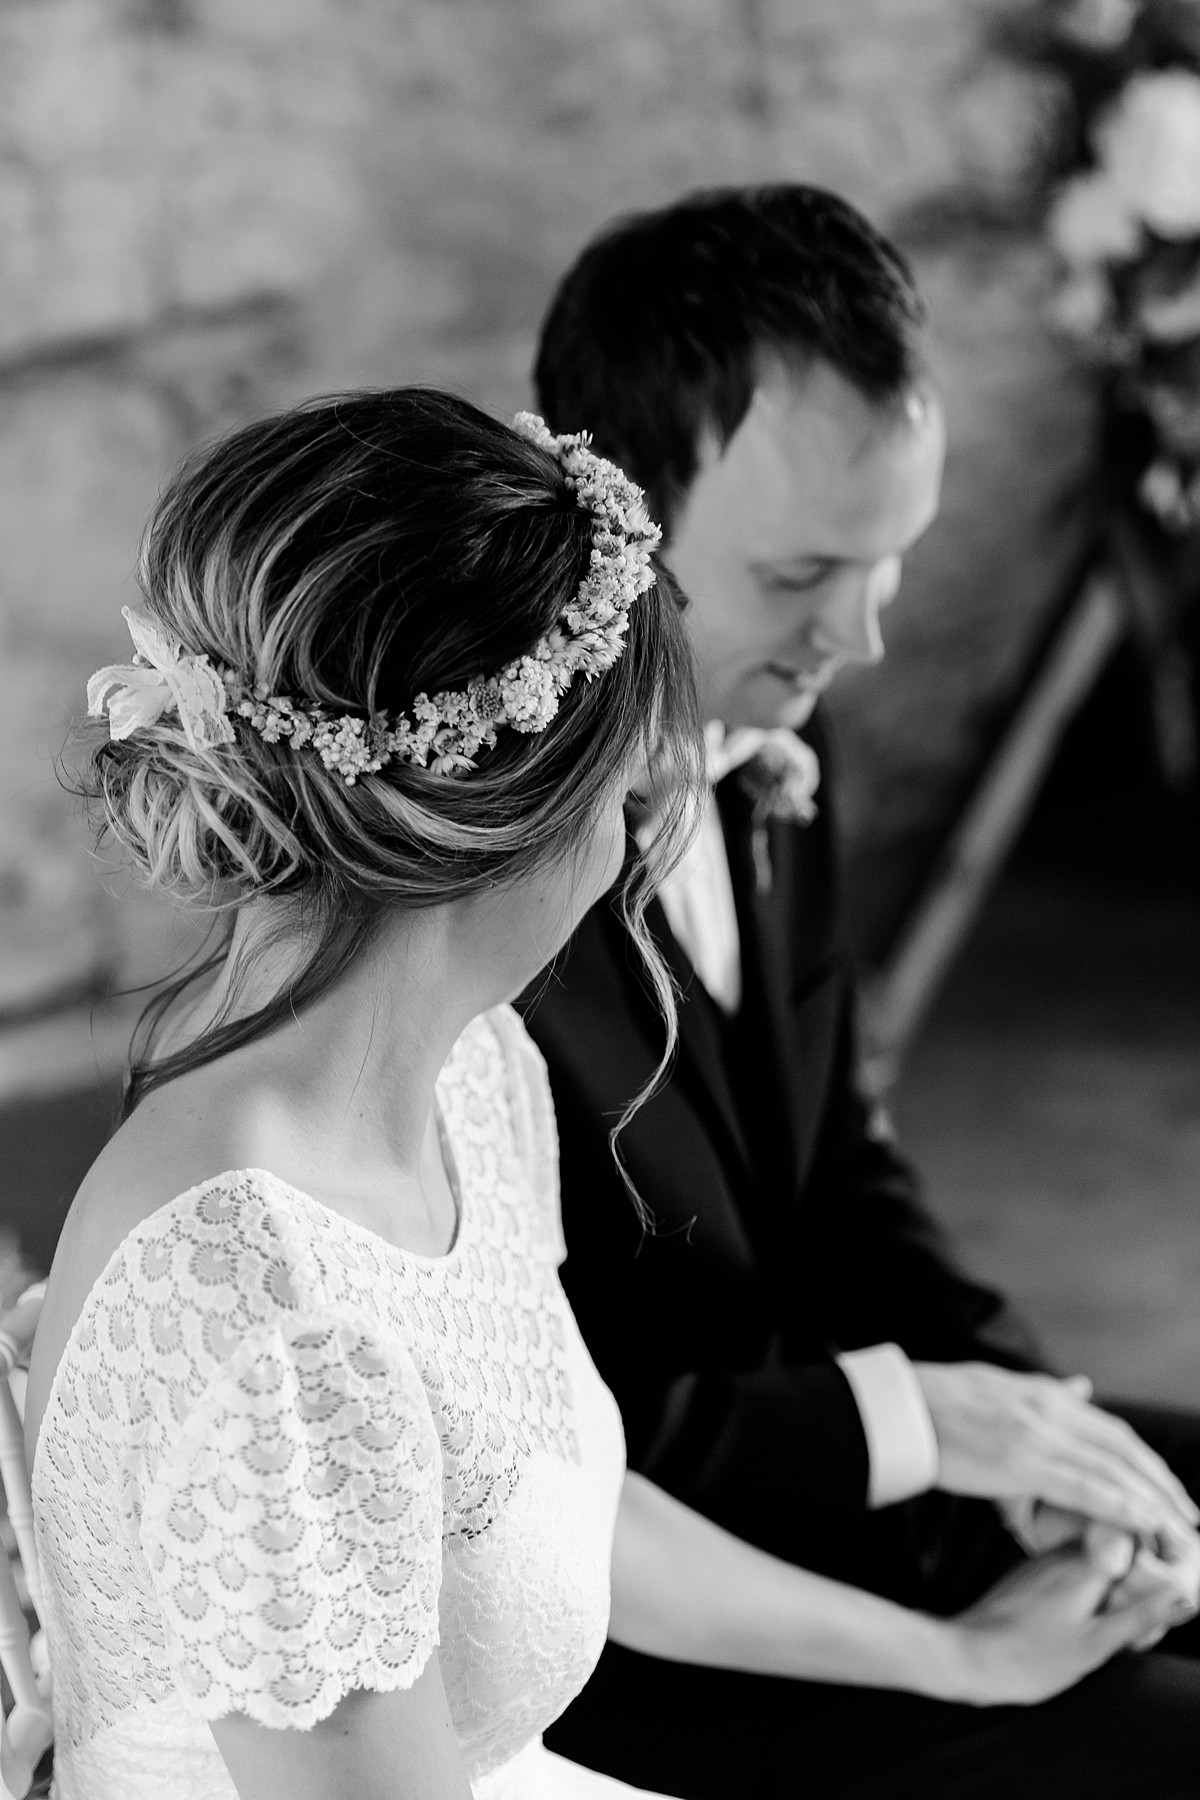 Hochzeitsfotograf-Bielefeld-Freie-Trauung-Hof-Steffen-Marco-Hüther_0023